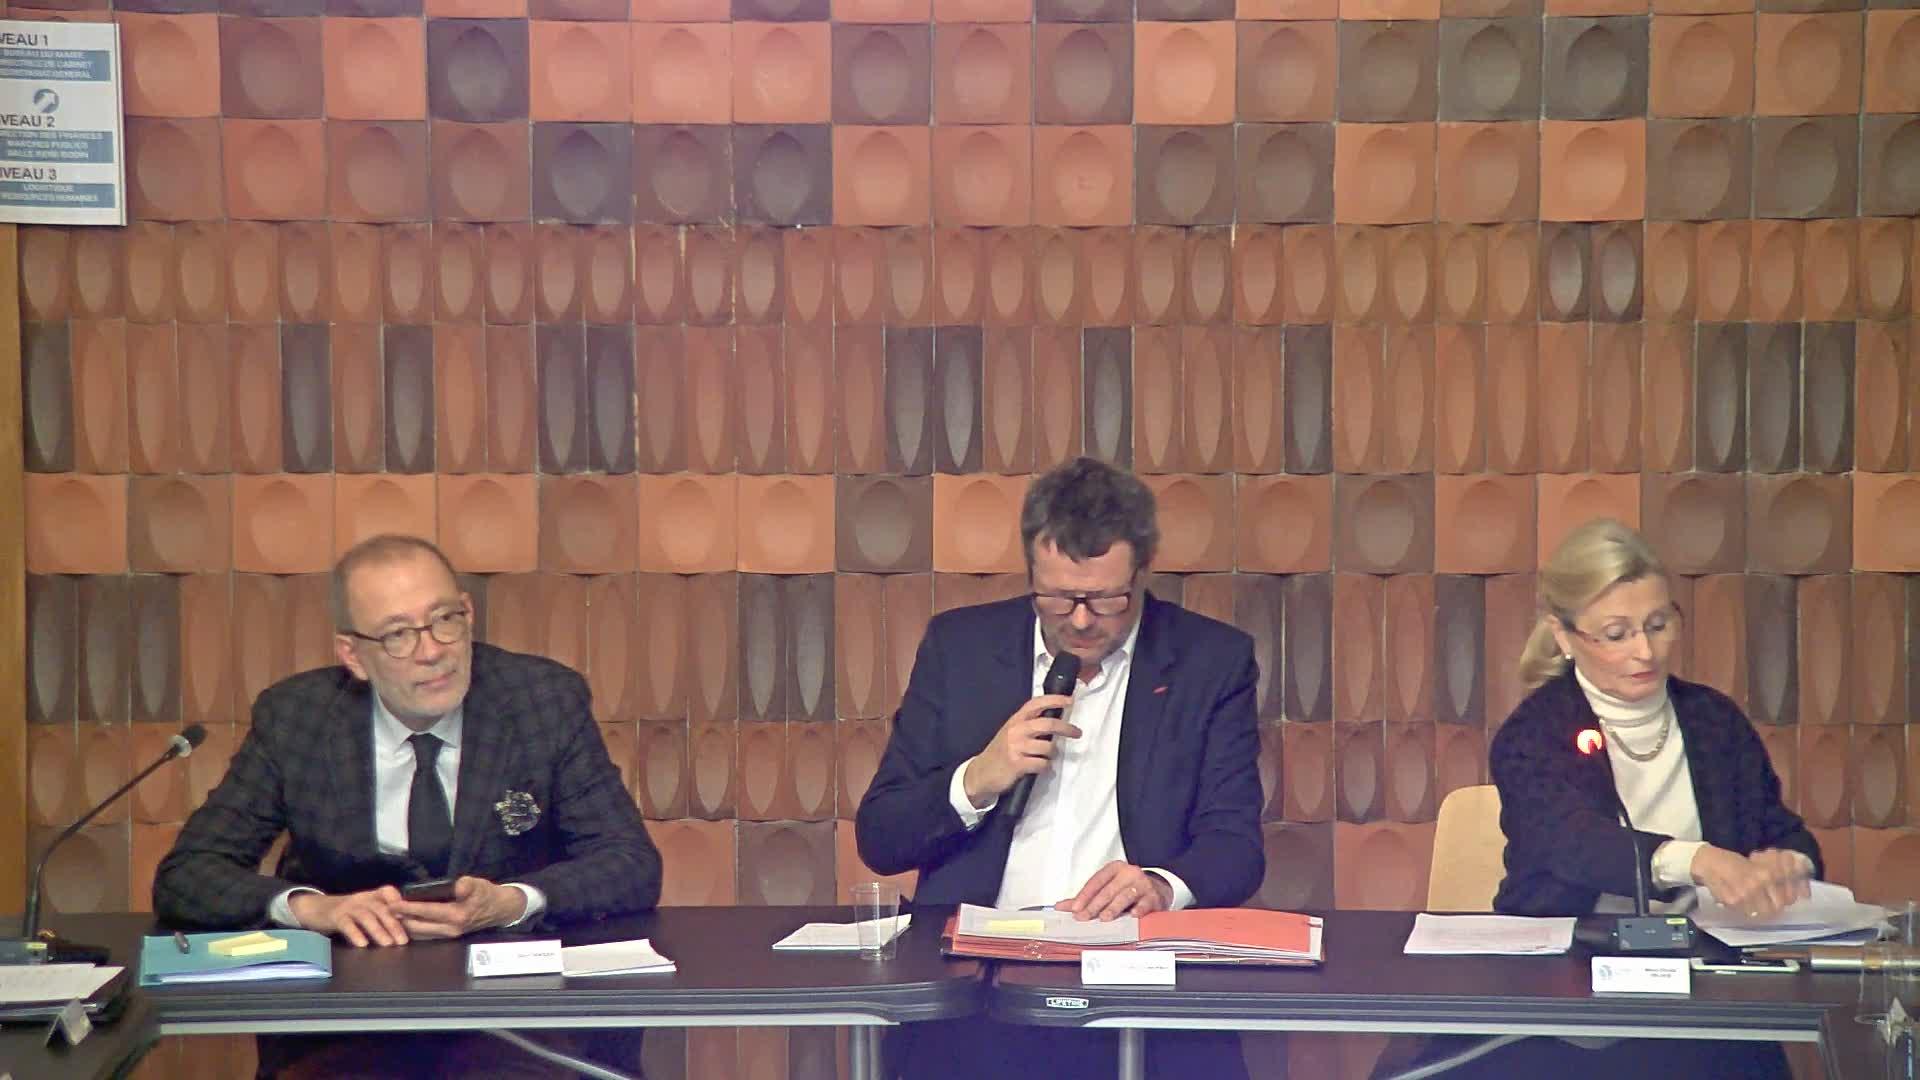 Convention de partenariat avec la Ville de Vandoeuvre-lès-Nancy